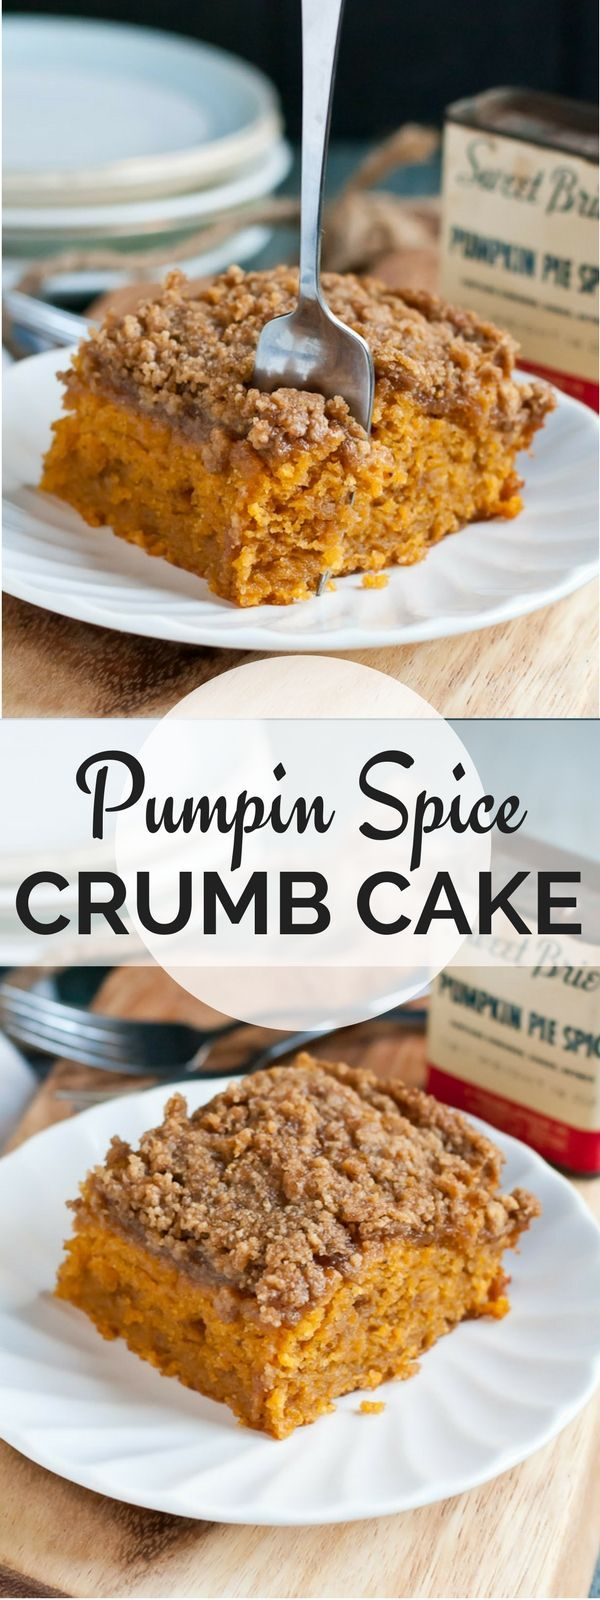 pumpkin spice crumb cake